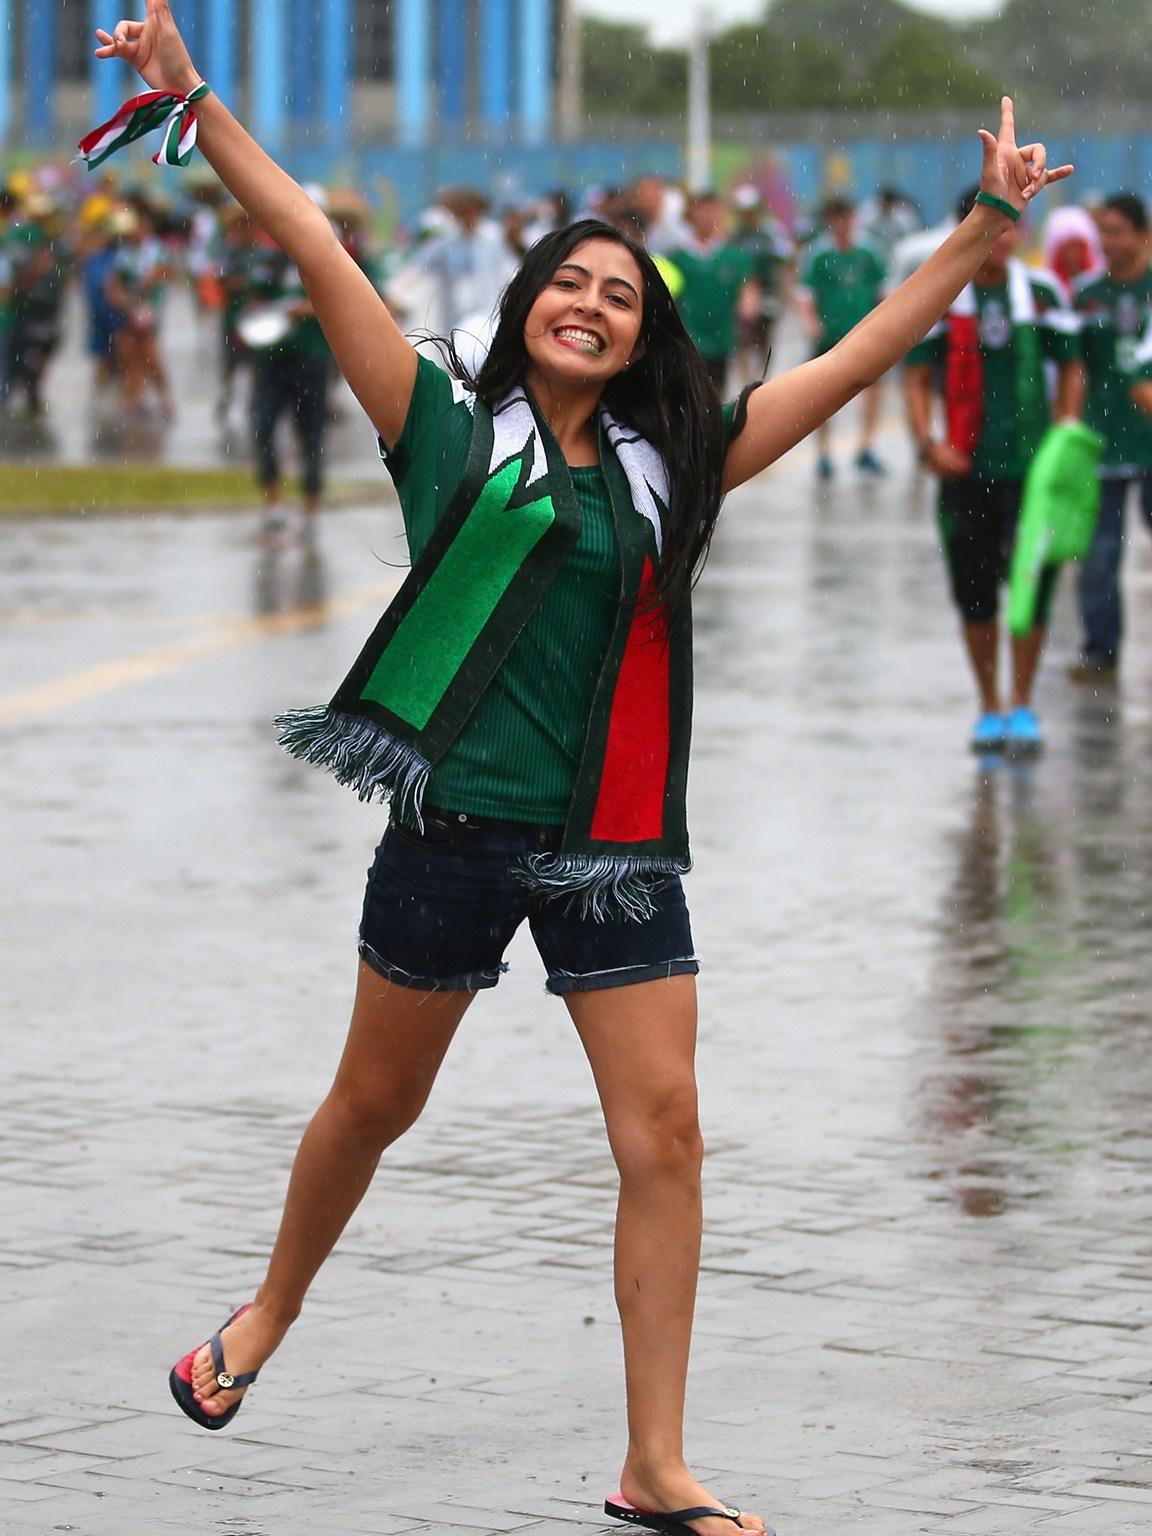 156 - Mexico-Cameroon [1-0] -- 13 Jun 2014 - 13-00 -- Natal - Estadio das Dunas